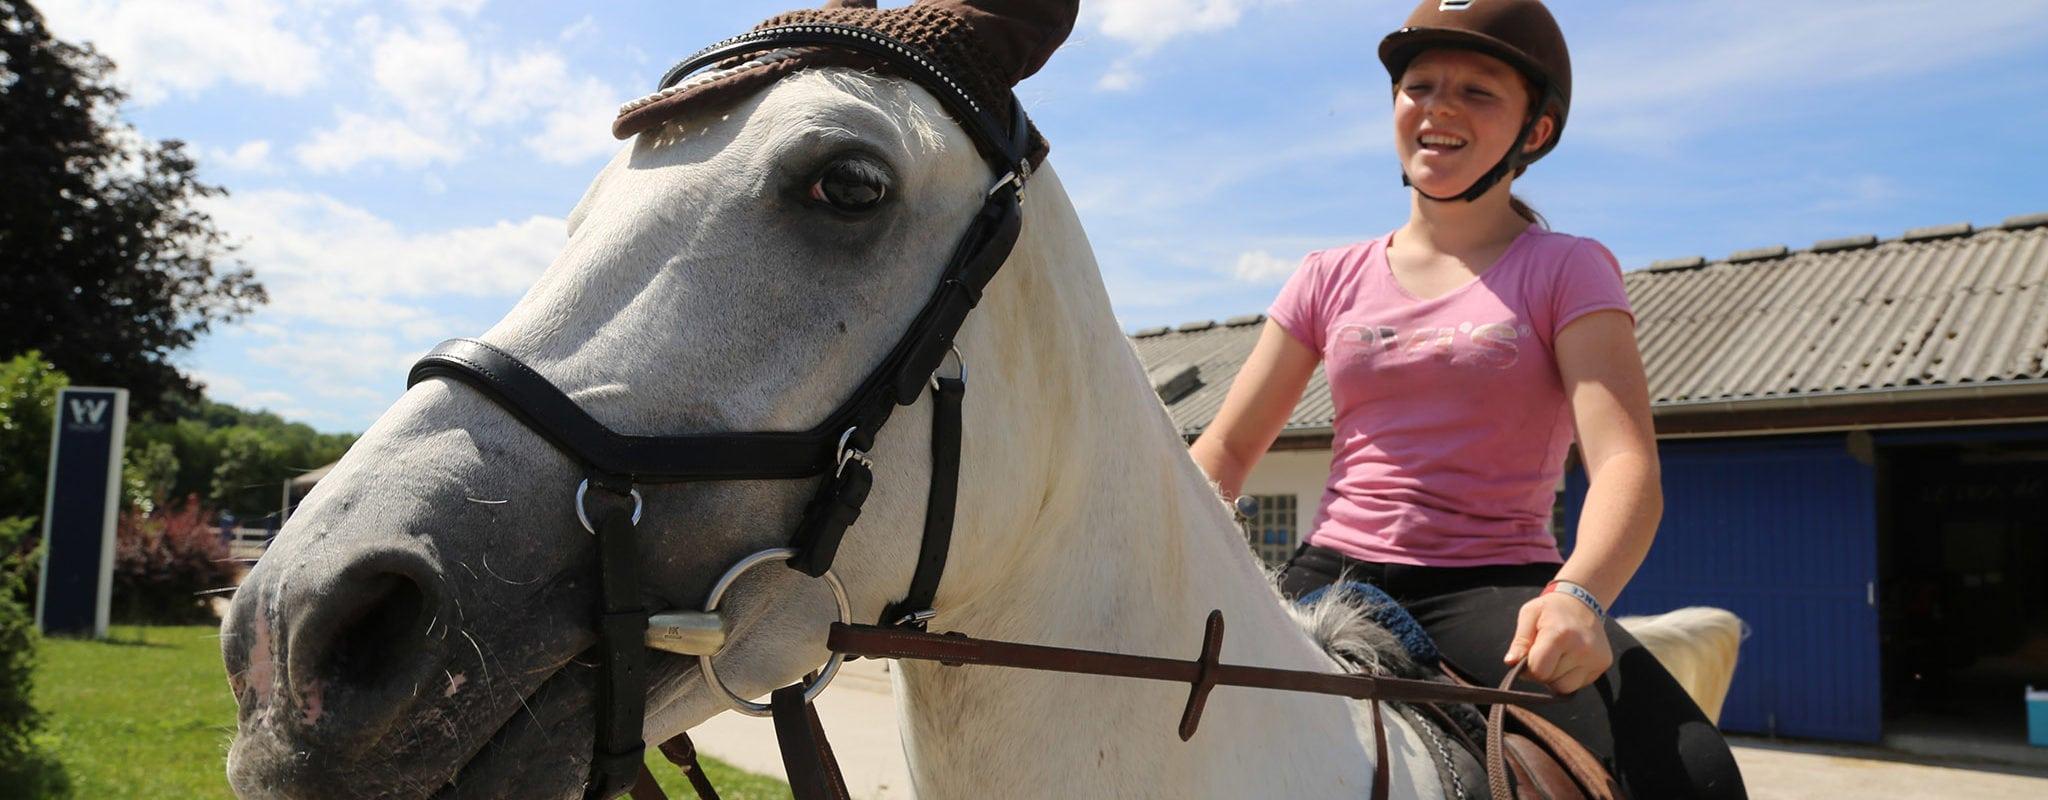 Ce que l'on murmure aux oreilles des chevaux du Waldhof